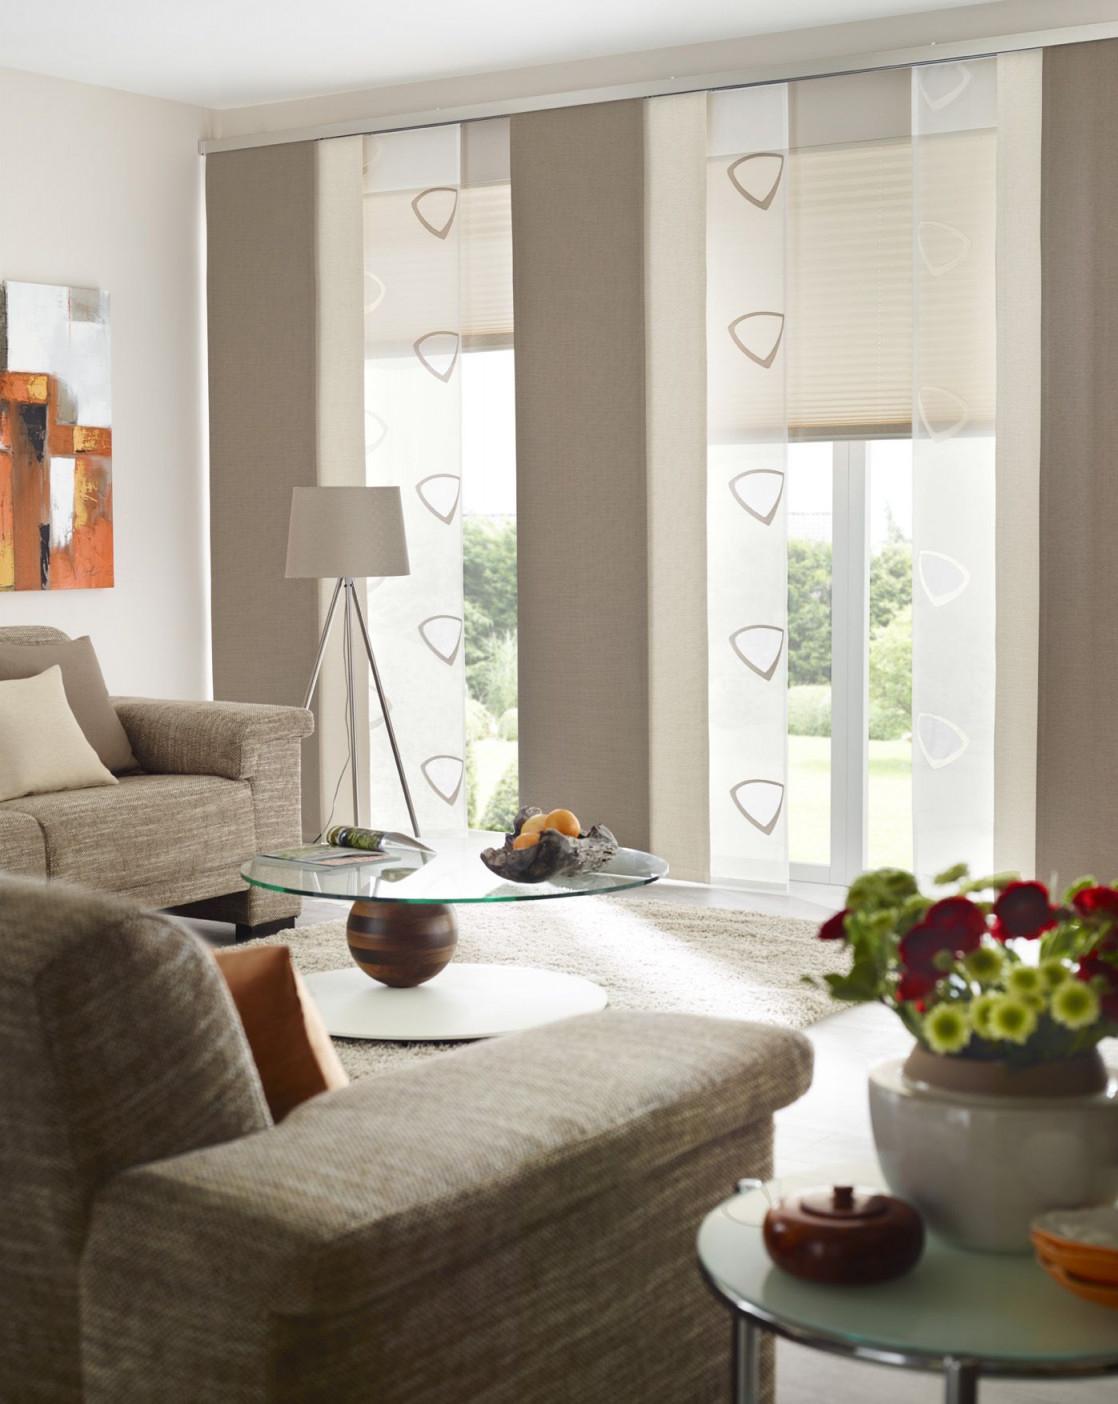 Fenster Urbansteel Gardinen Dekostoffe Vorhang von Gardinen Ideen Für Wohnzimmer Fenster Bild